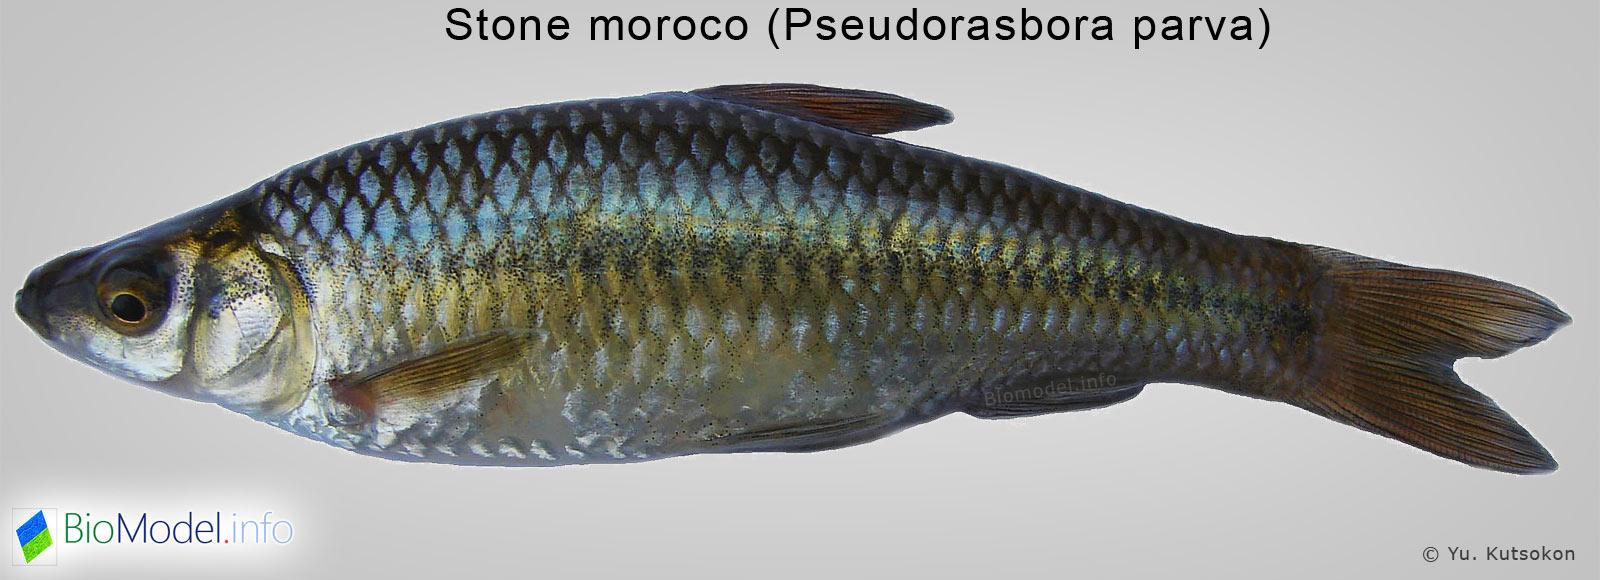 чебачок амурский - Pseudorasbora parva